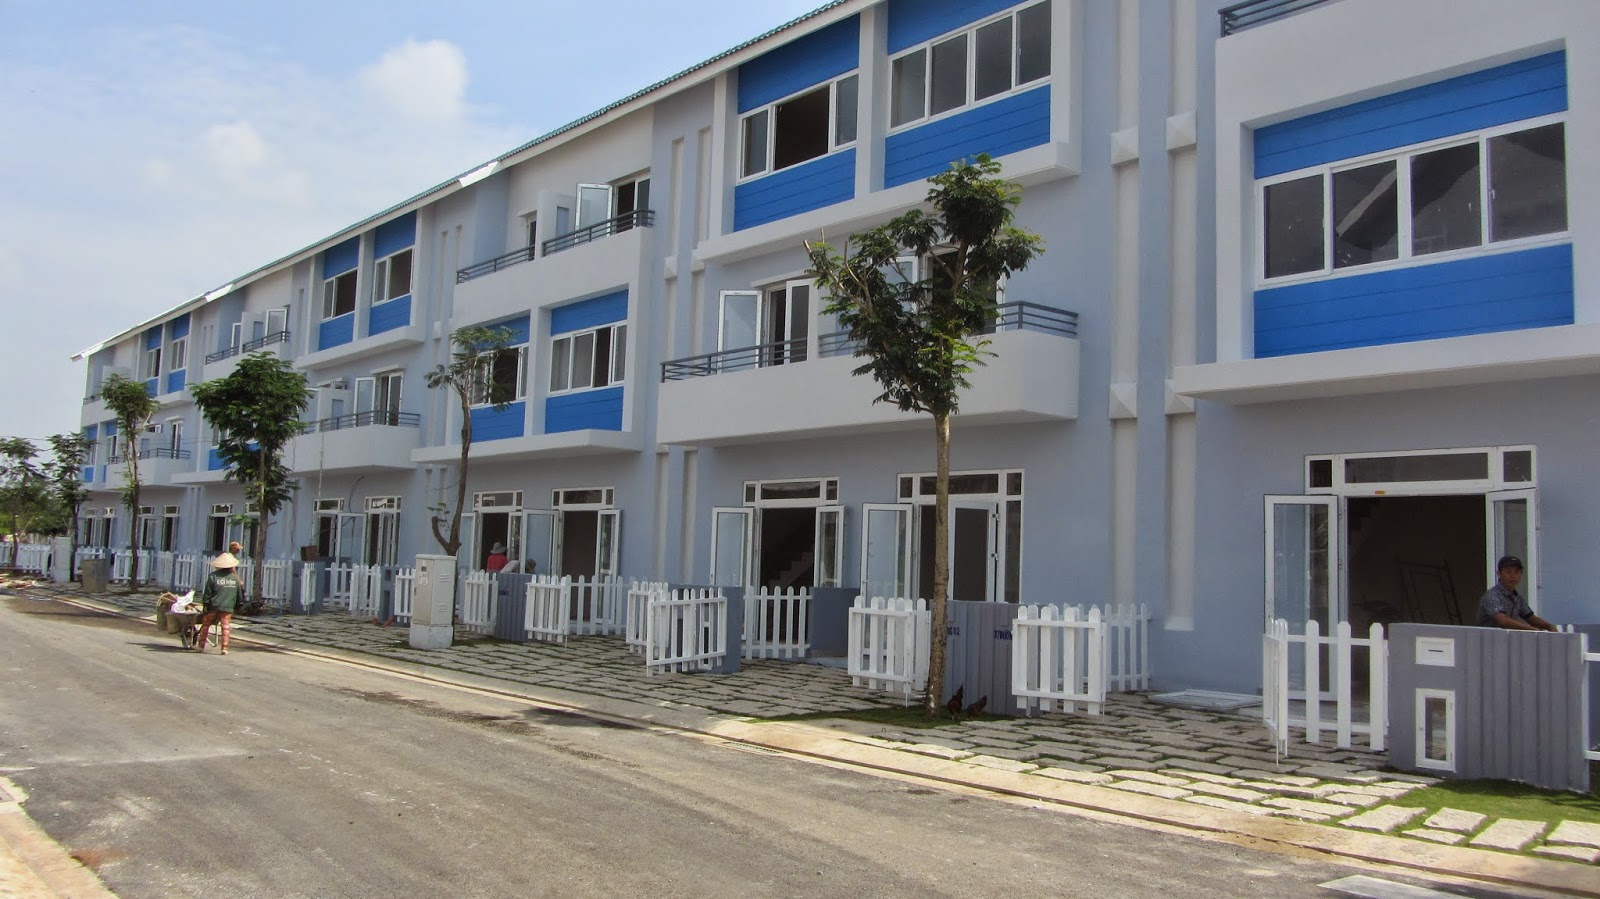 Kết luận của Chủ tịch UBND tỉnh về dự án phát triển nhà ở phường Tân Lợi, thành phố Buôn Ma Thuột